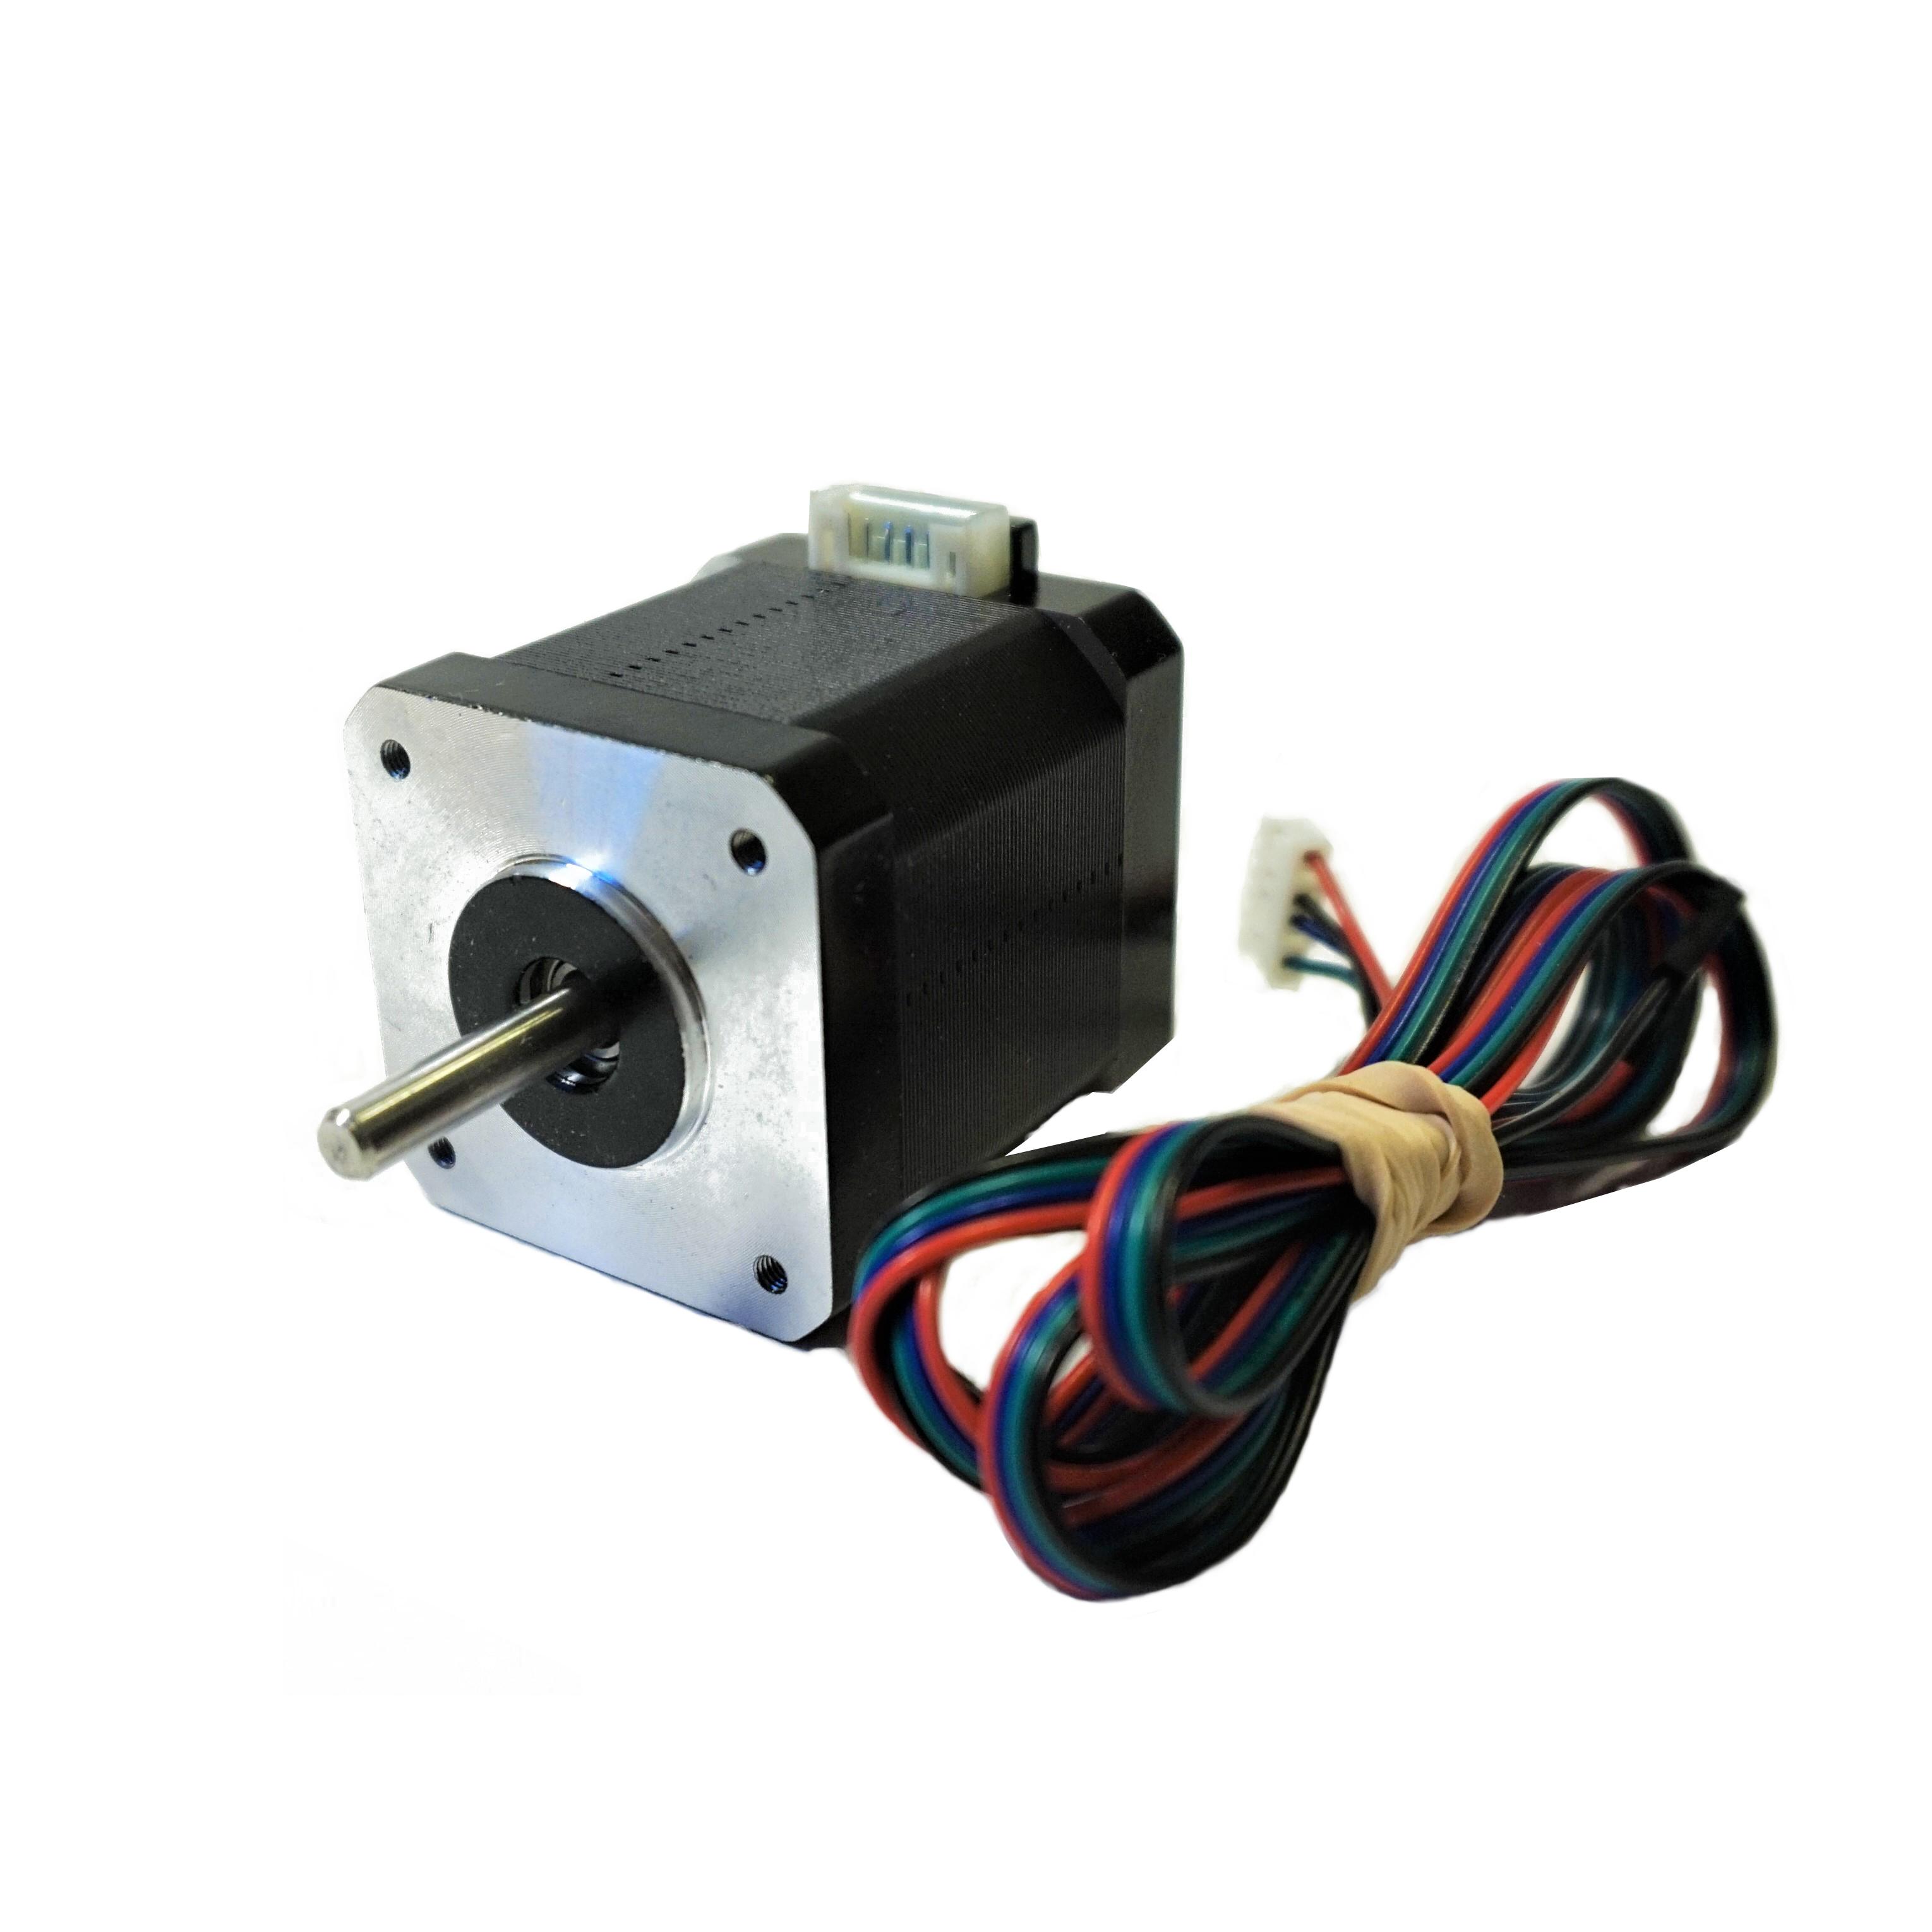 NEMA 17 48mm w500mm wire